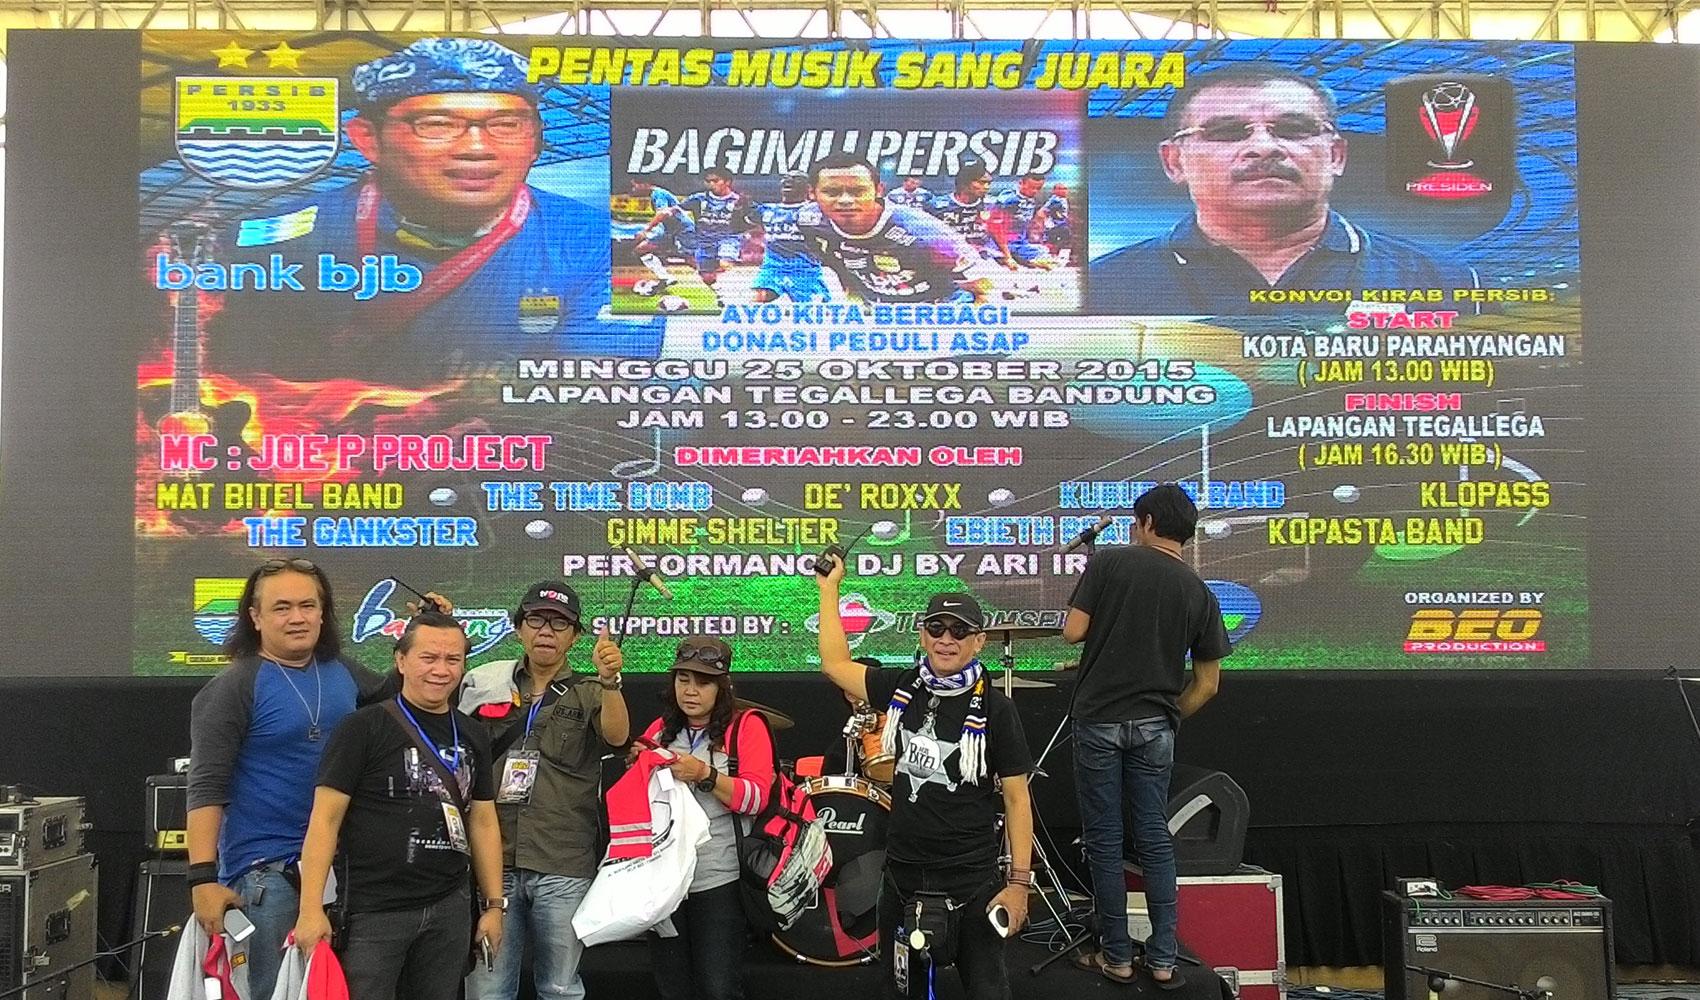 Sewa Proyektor Bandung Murah